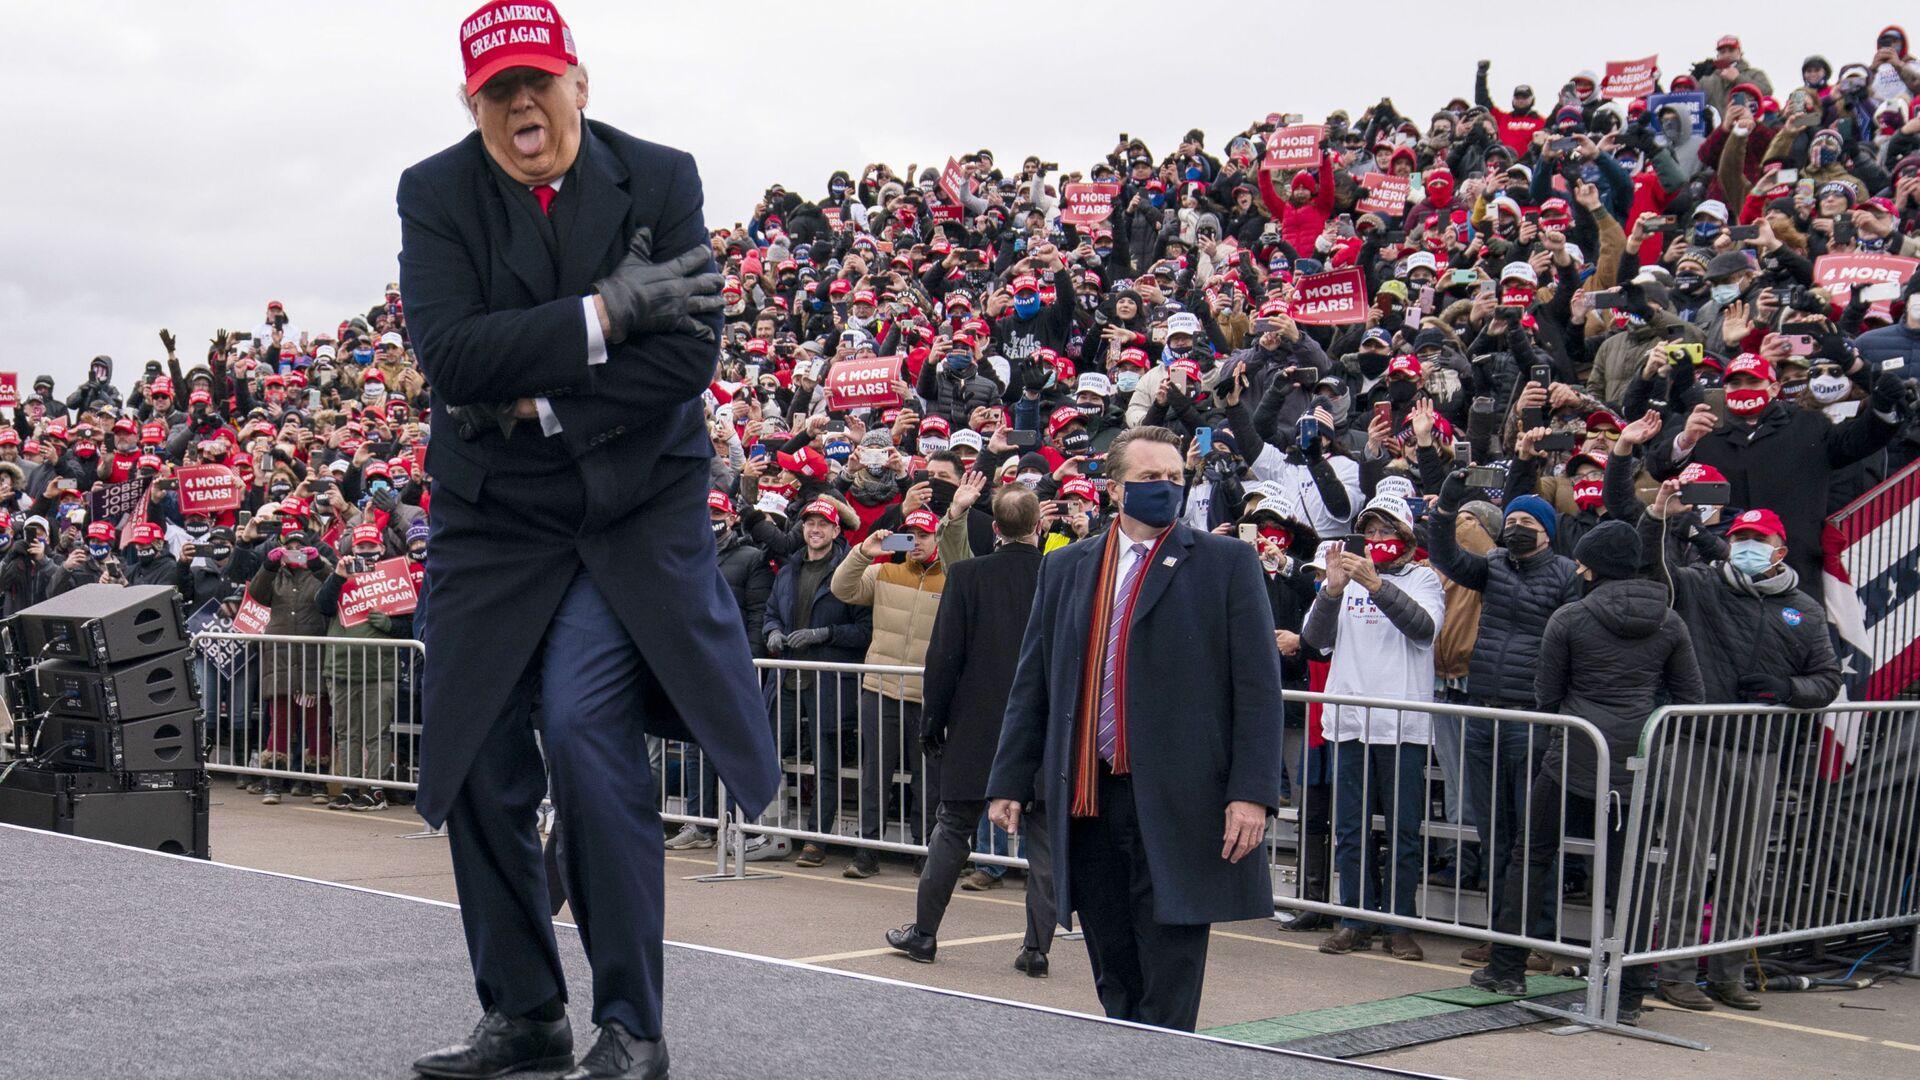 Президент США Дональд Трамп шутит о том, как он замерз, во время ралли в Мичигане, 2020 год  - Sputnik Italia, 1920, 04.07.2021